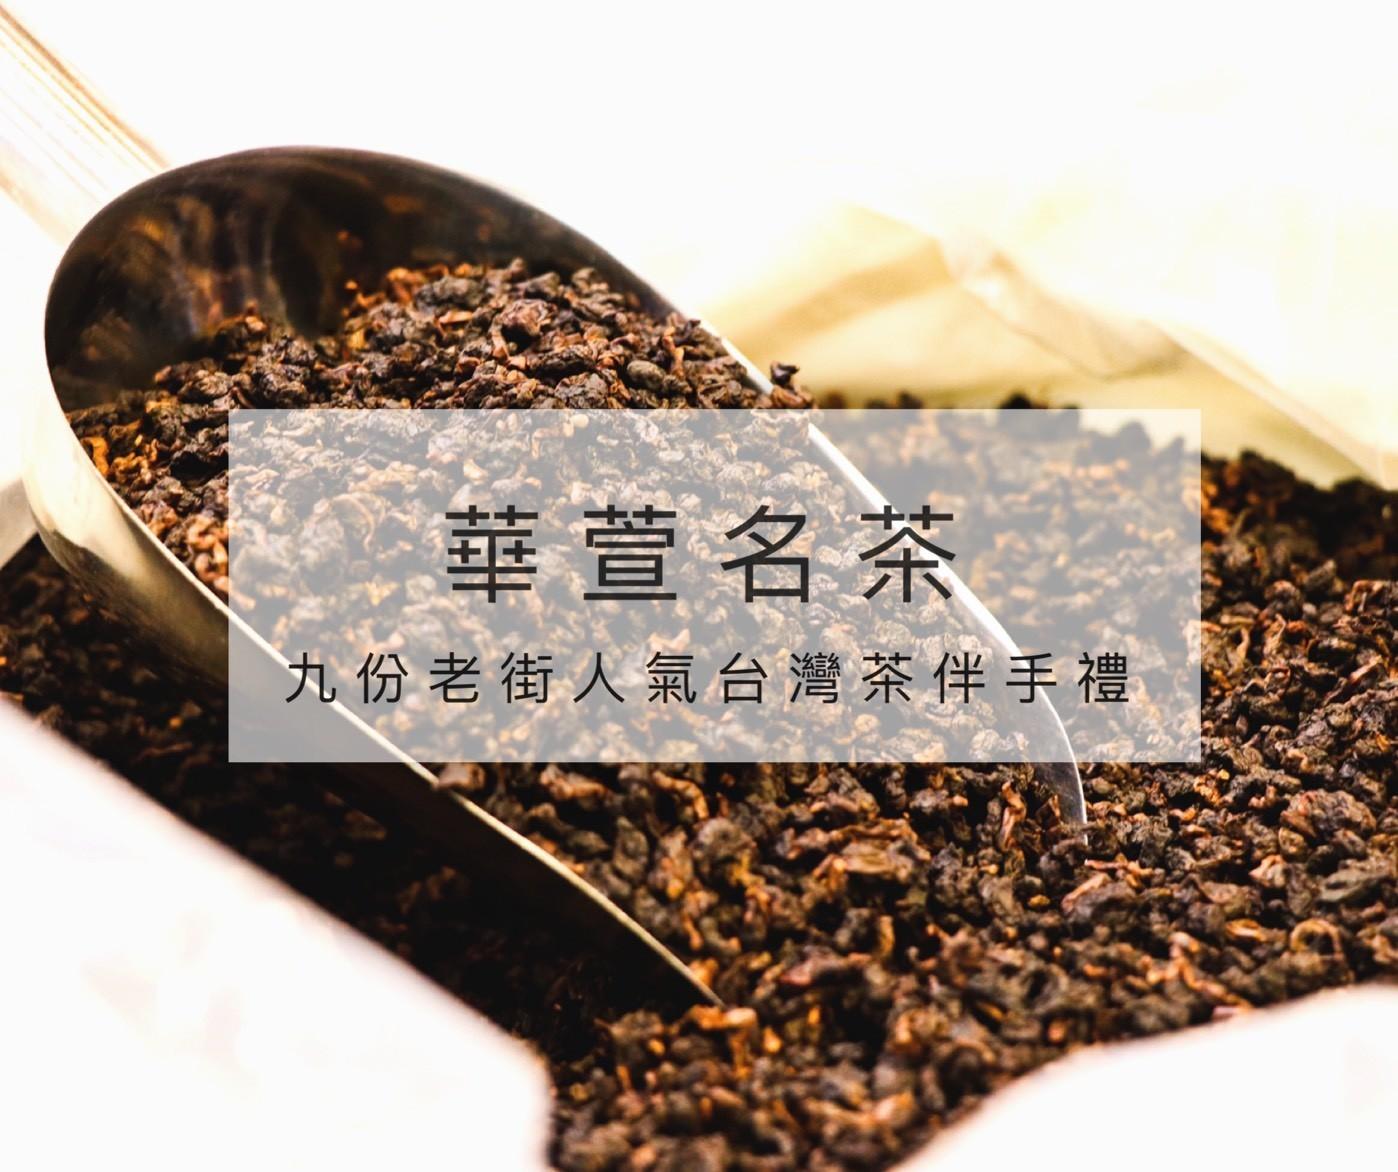 九份茶葉名產 |【華萱名茶】將九份的甘醇茶香、山城回憶一起帶回家